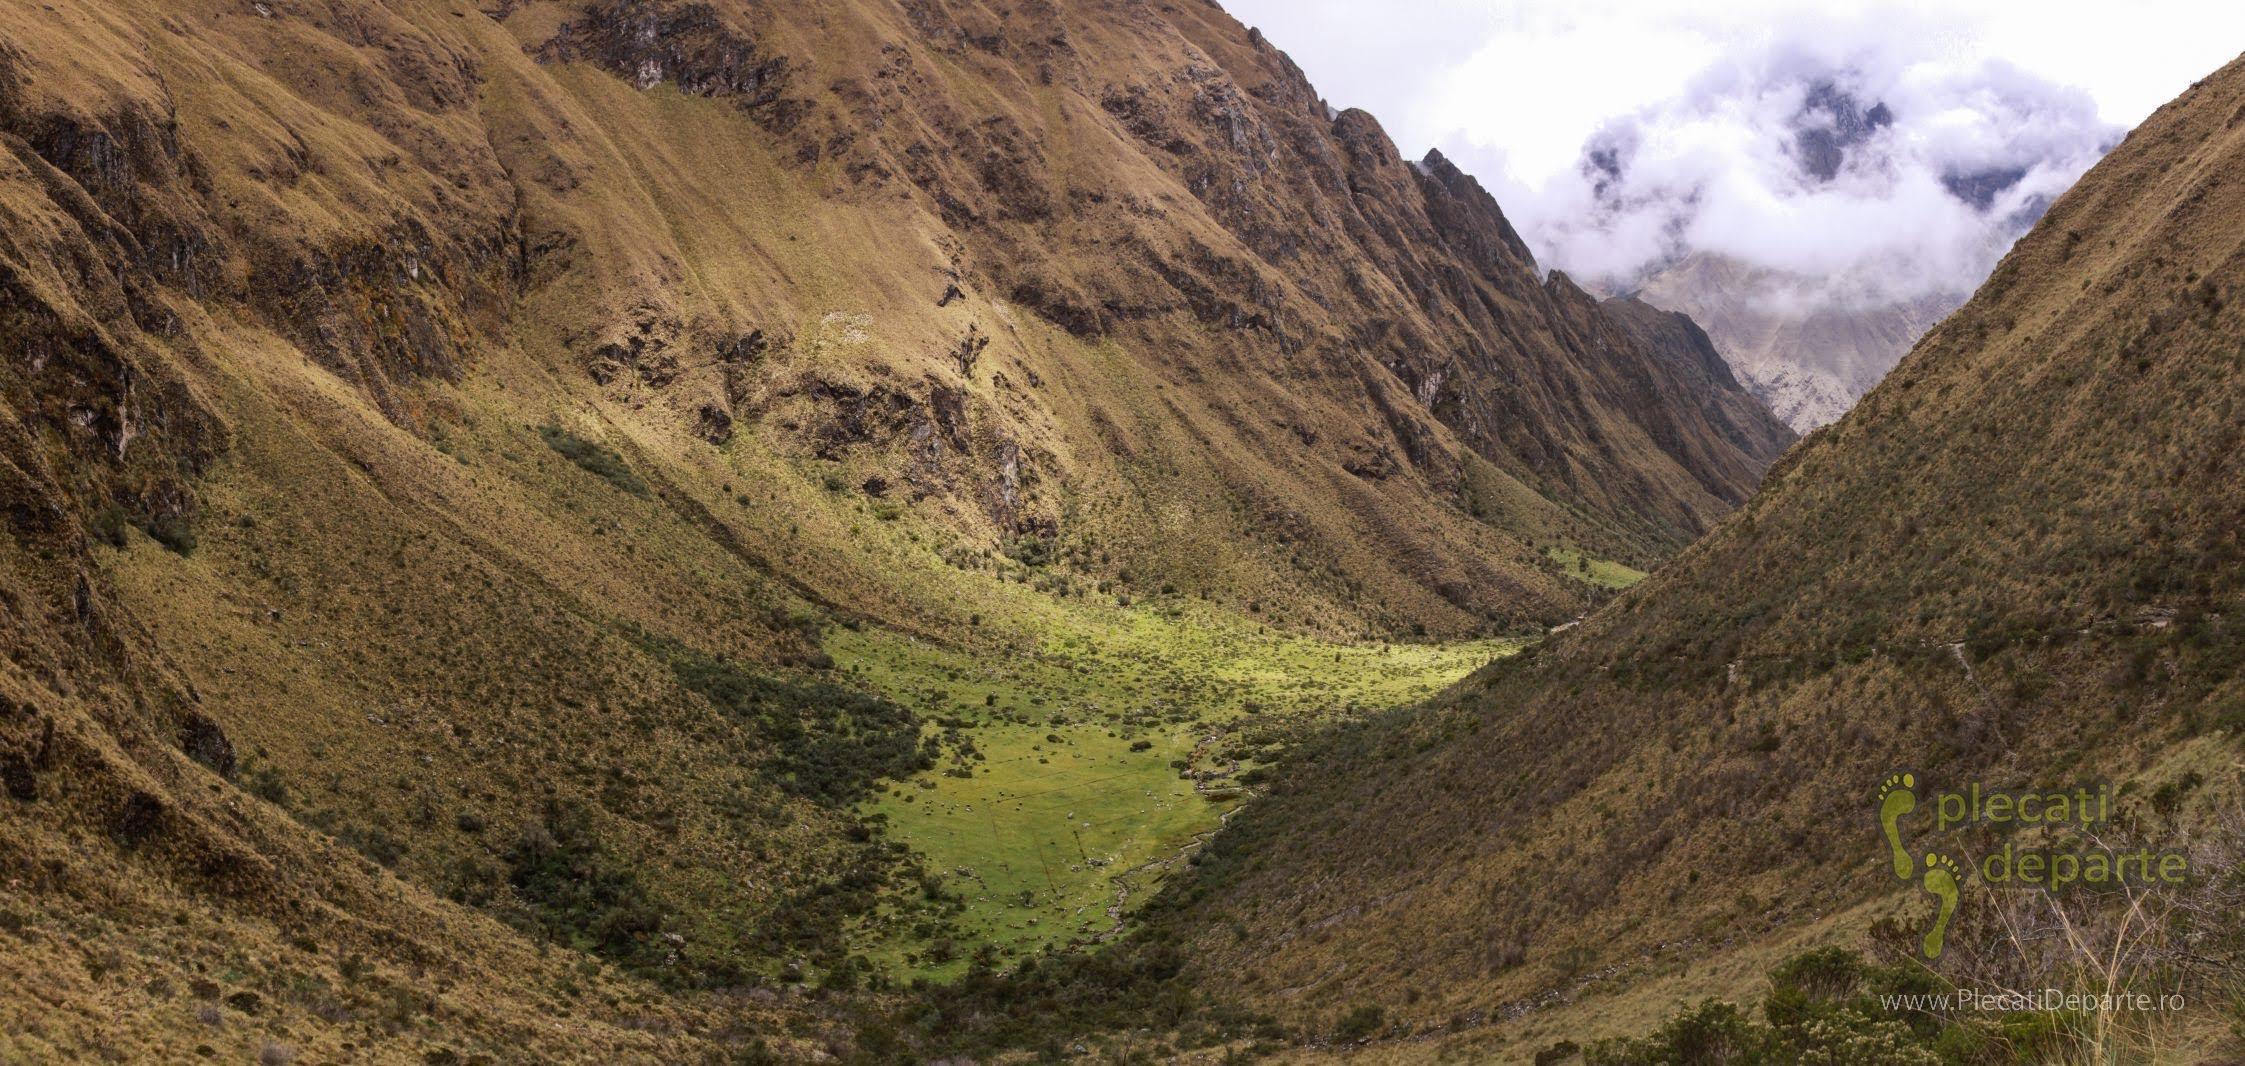 valea din care am urcat in ziua a 2-a, pe Inca Trail spre Machu Picchu, in Peru